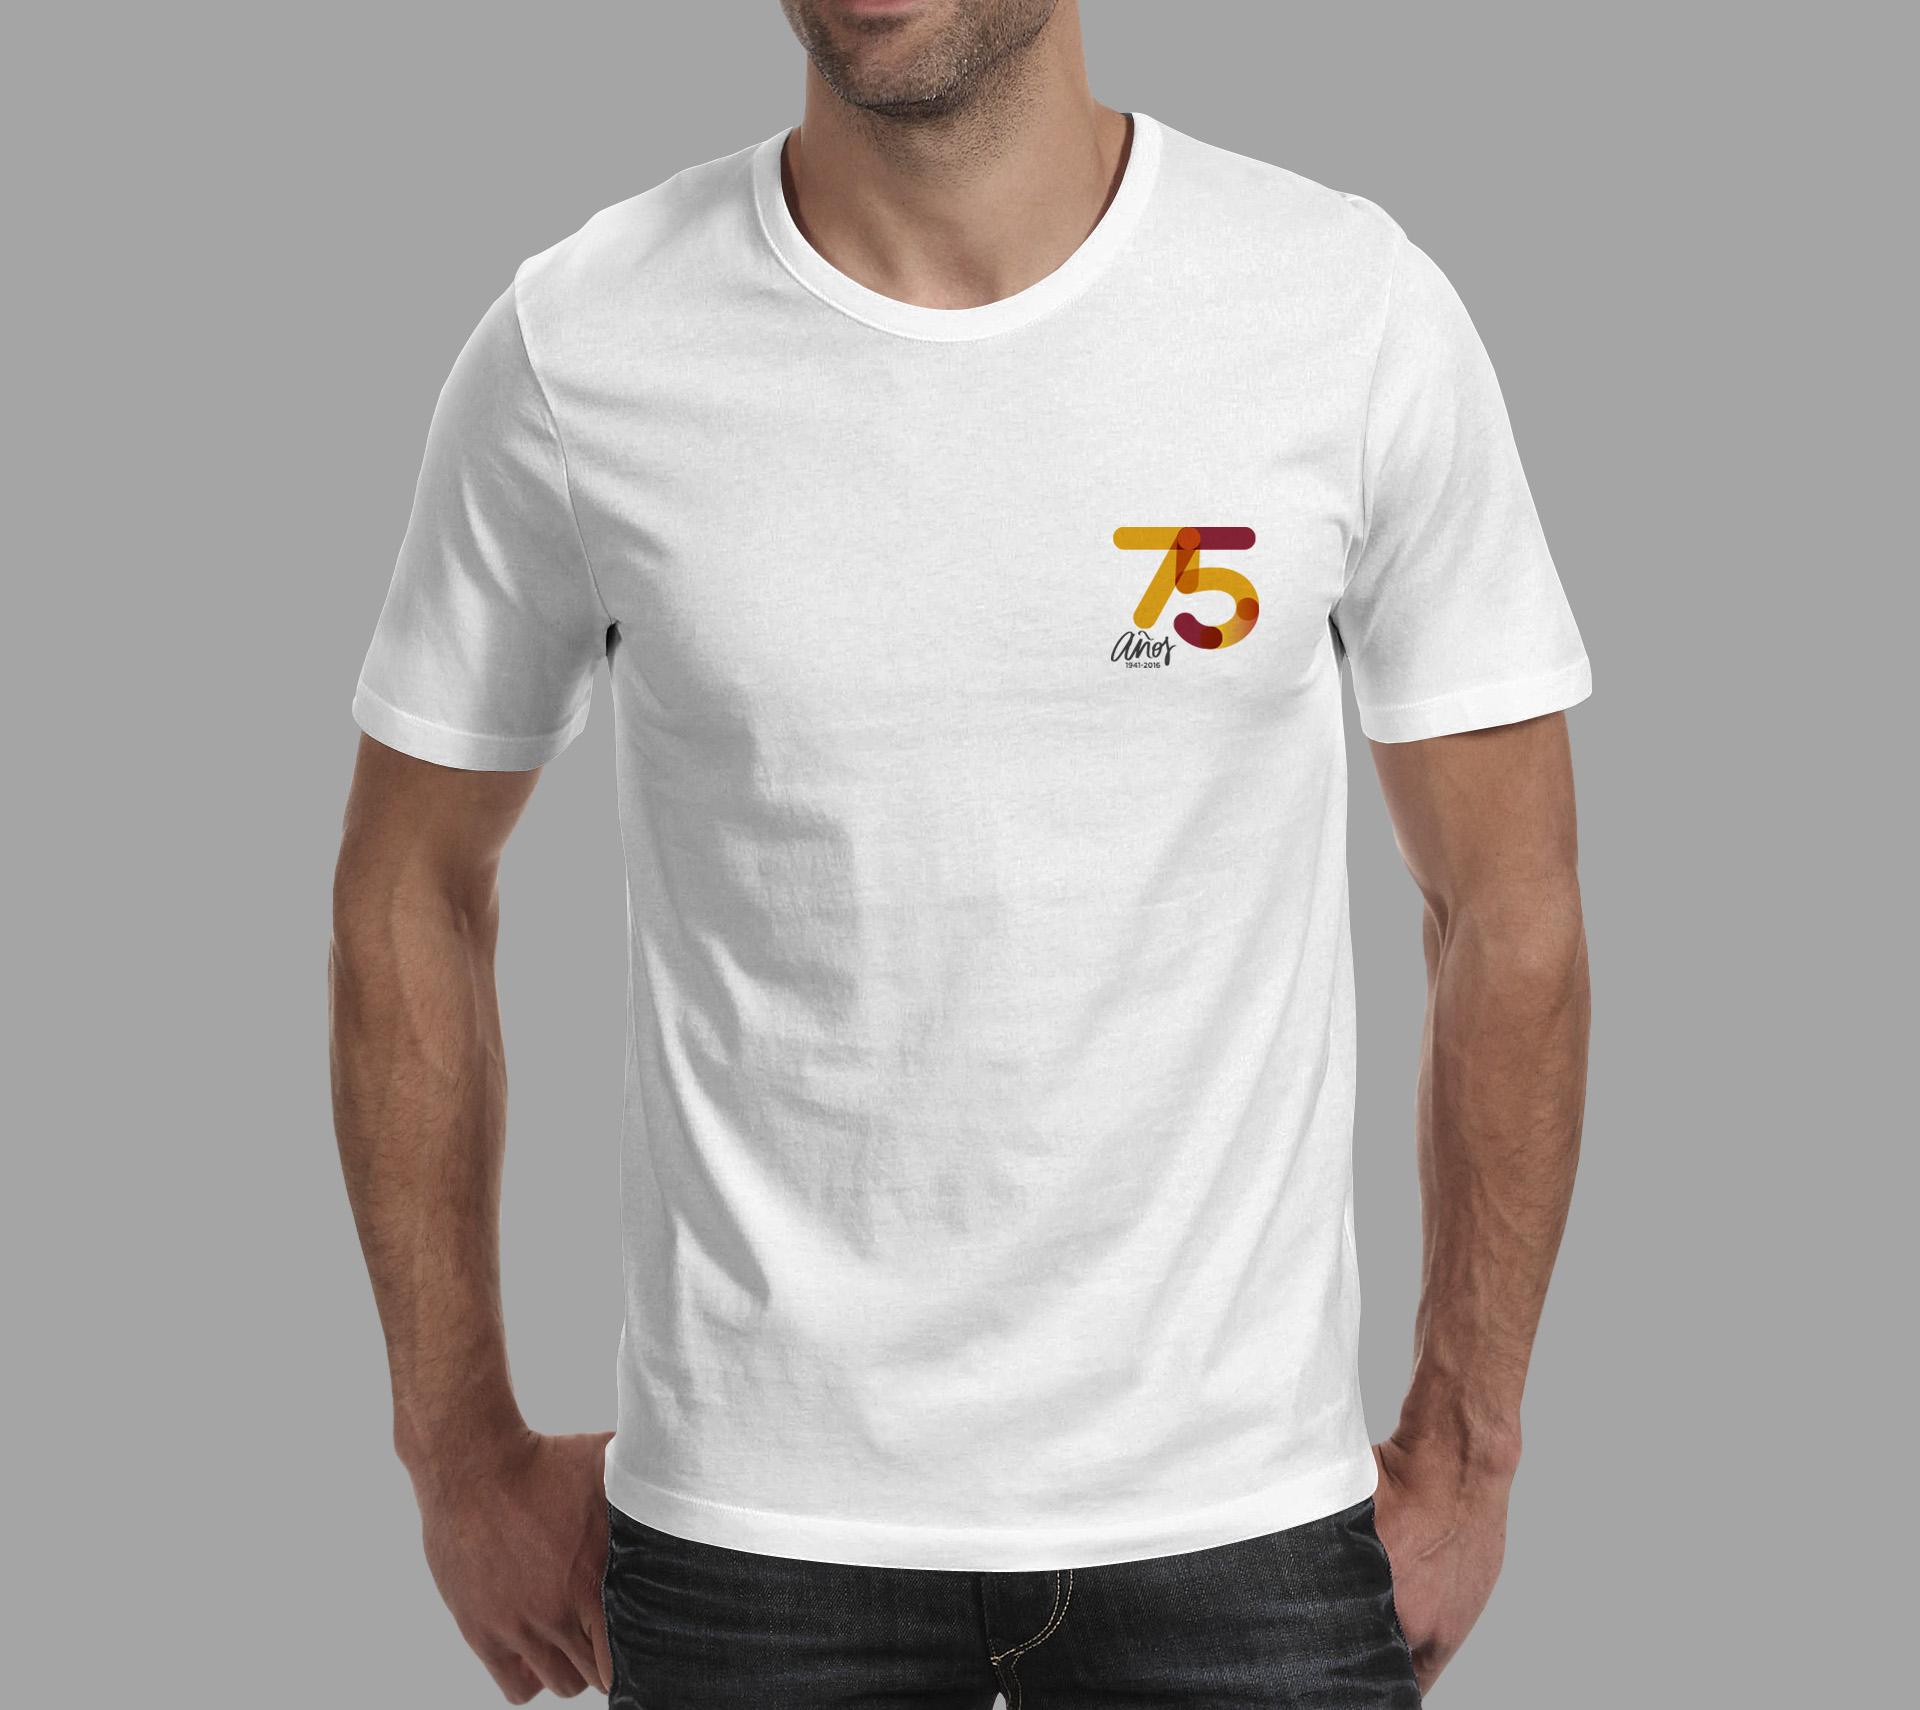 Camiseta.jpg